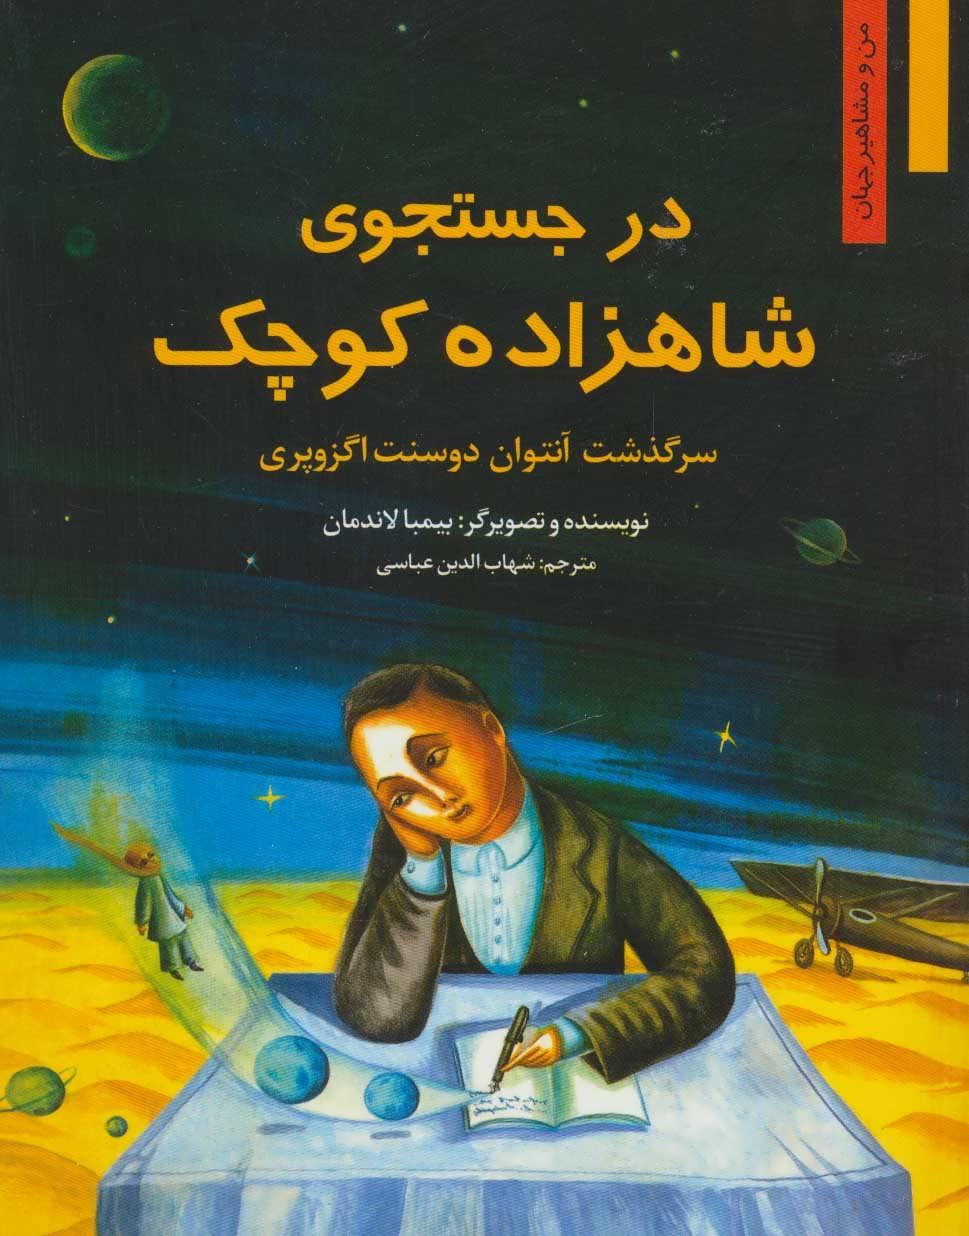 در جستجوی شاهزاده کوچک:سرگذشت آنتوان دوسنت اگزوپری (من و مشاهیر جهان 4)